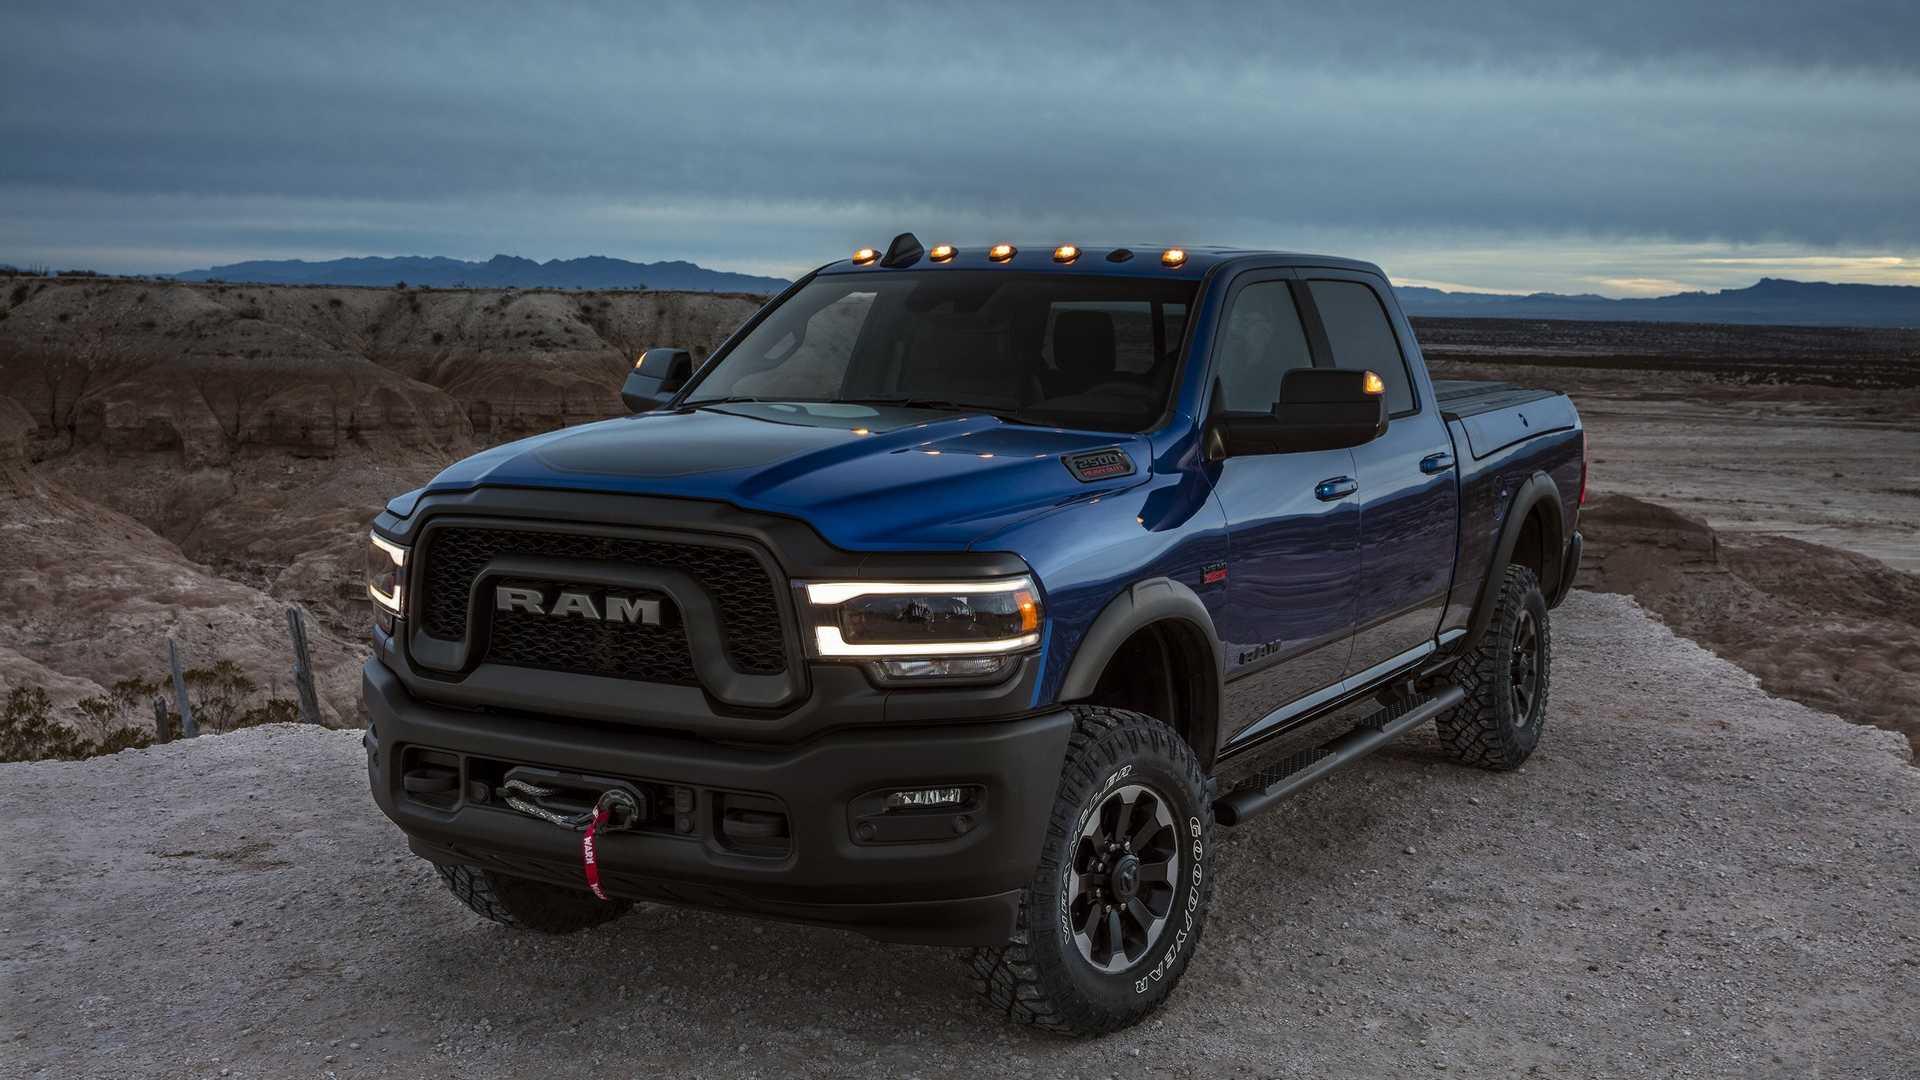 2019-ram-heavy-duty-exterior (65)